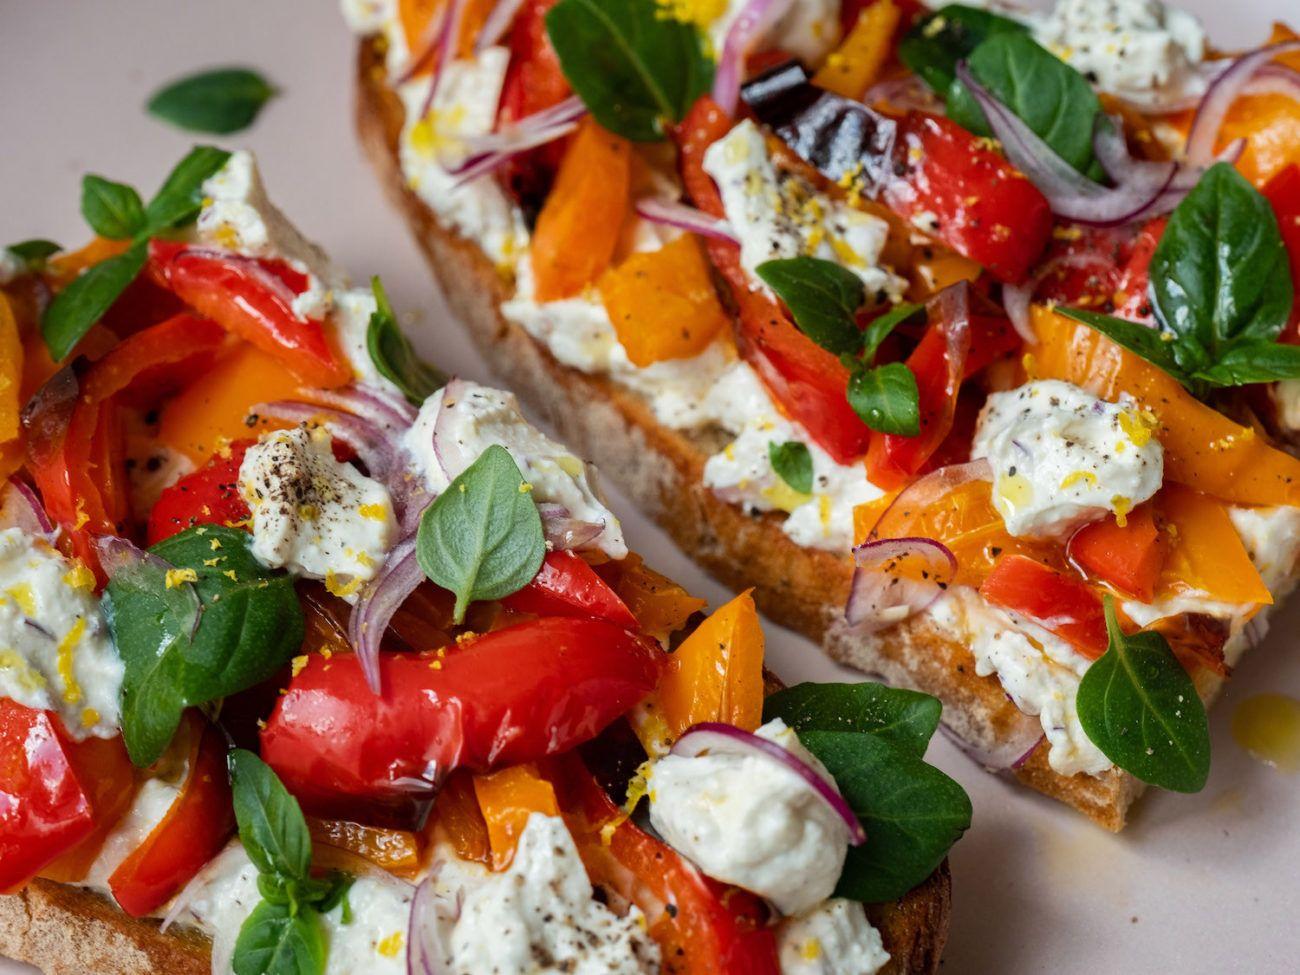 Rezept Sandwich mit Zitronenricotta und gegrillter Paprika, Sauerteigbrot, Basilikum, Zitronenzeste, Pfeffer